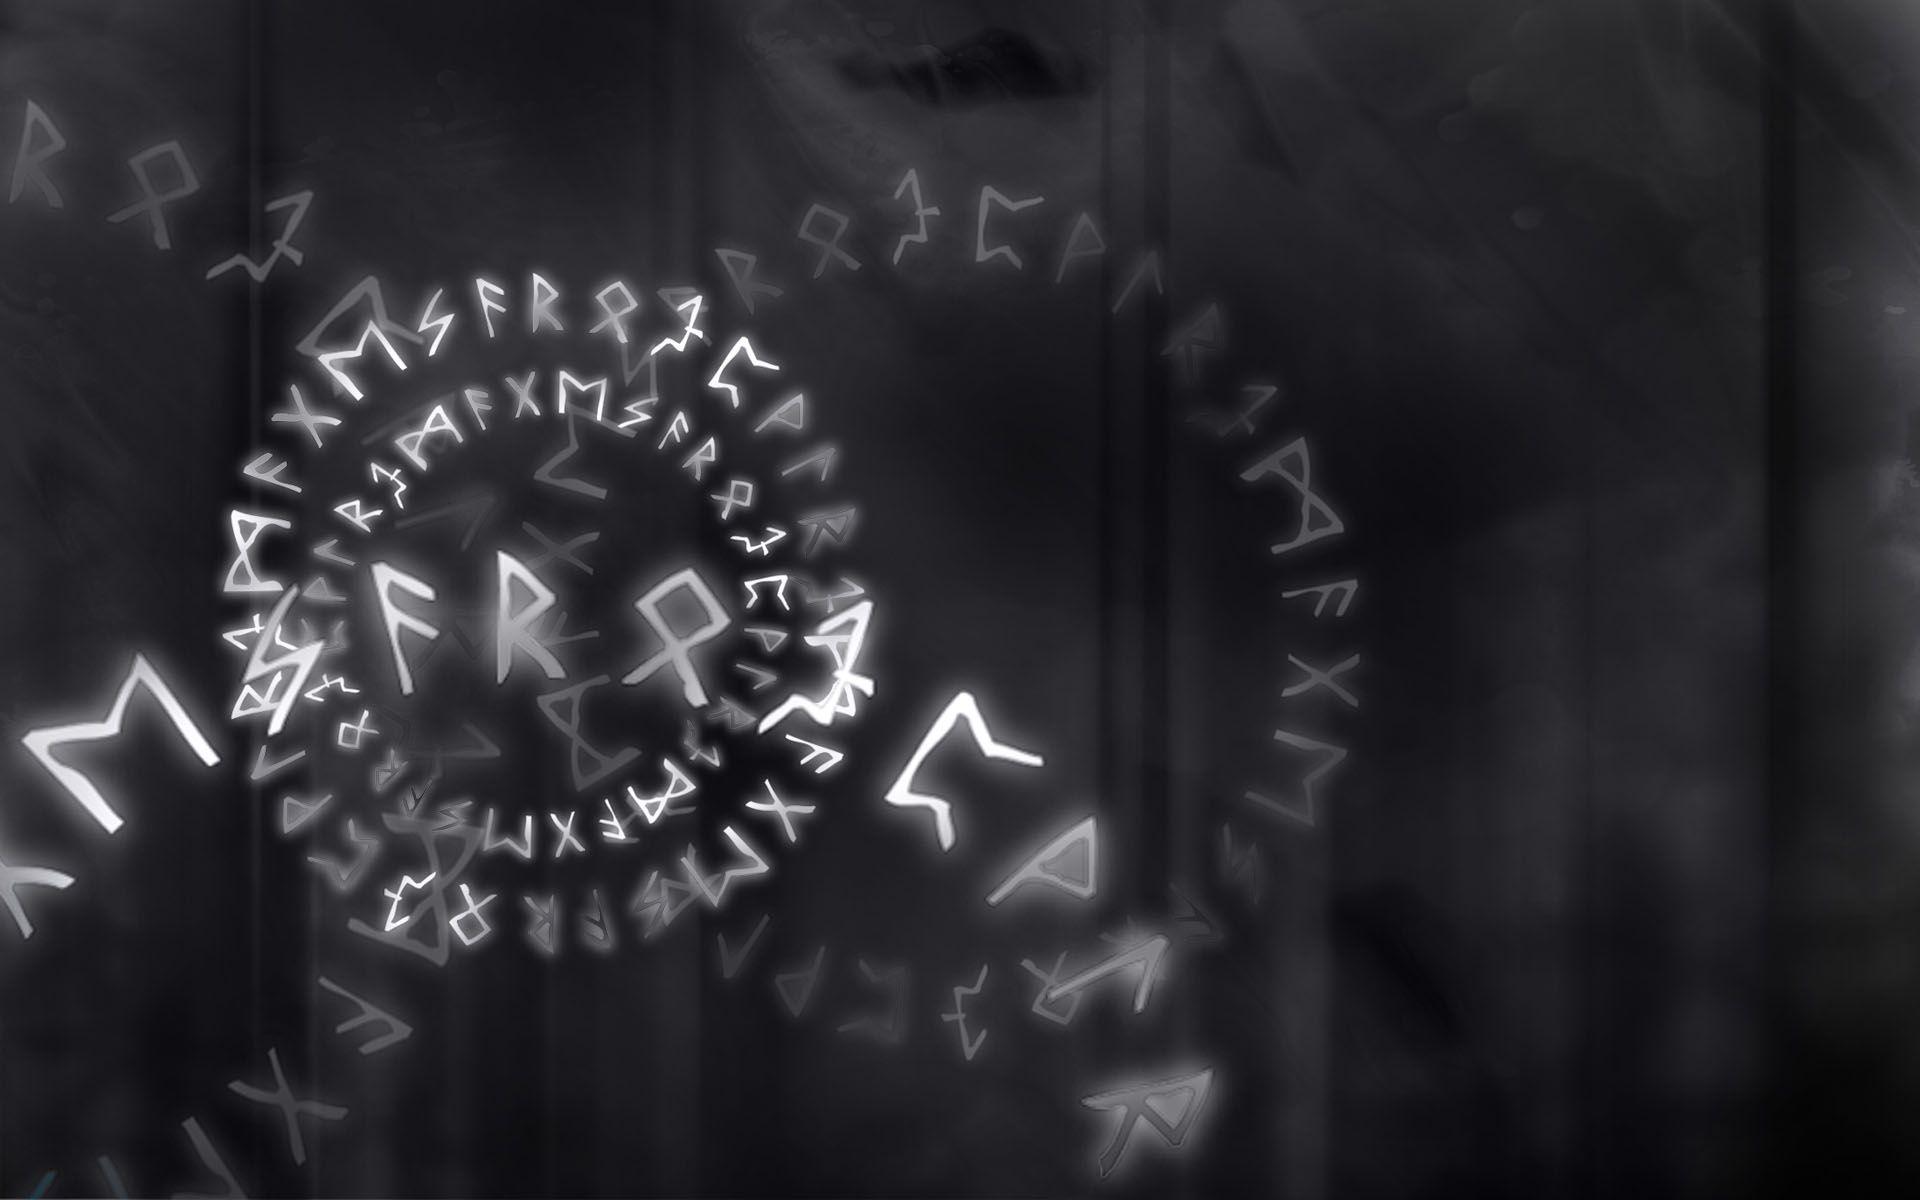 bluetooth y vikingos - tecnologia bluetooth-harald blatant-harald bluetooth-historia de vikingos-runas-Jim Kardach